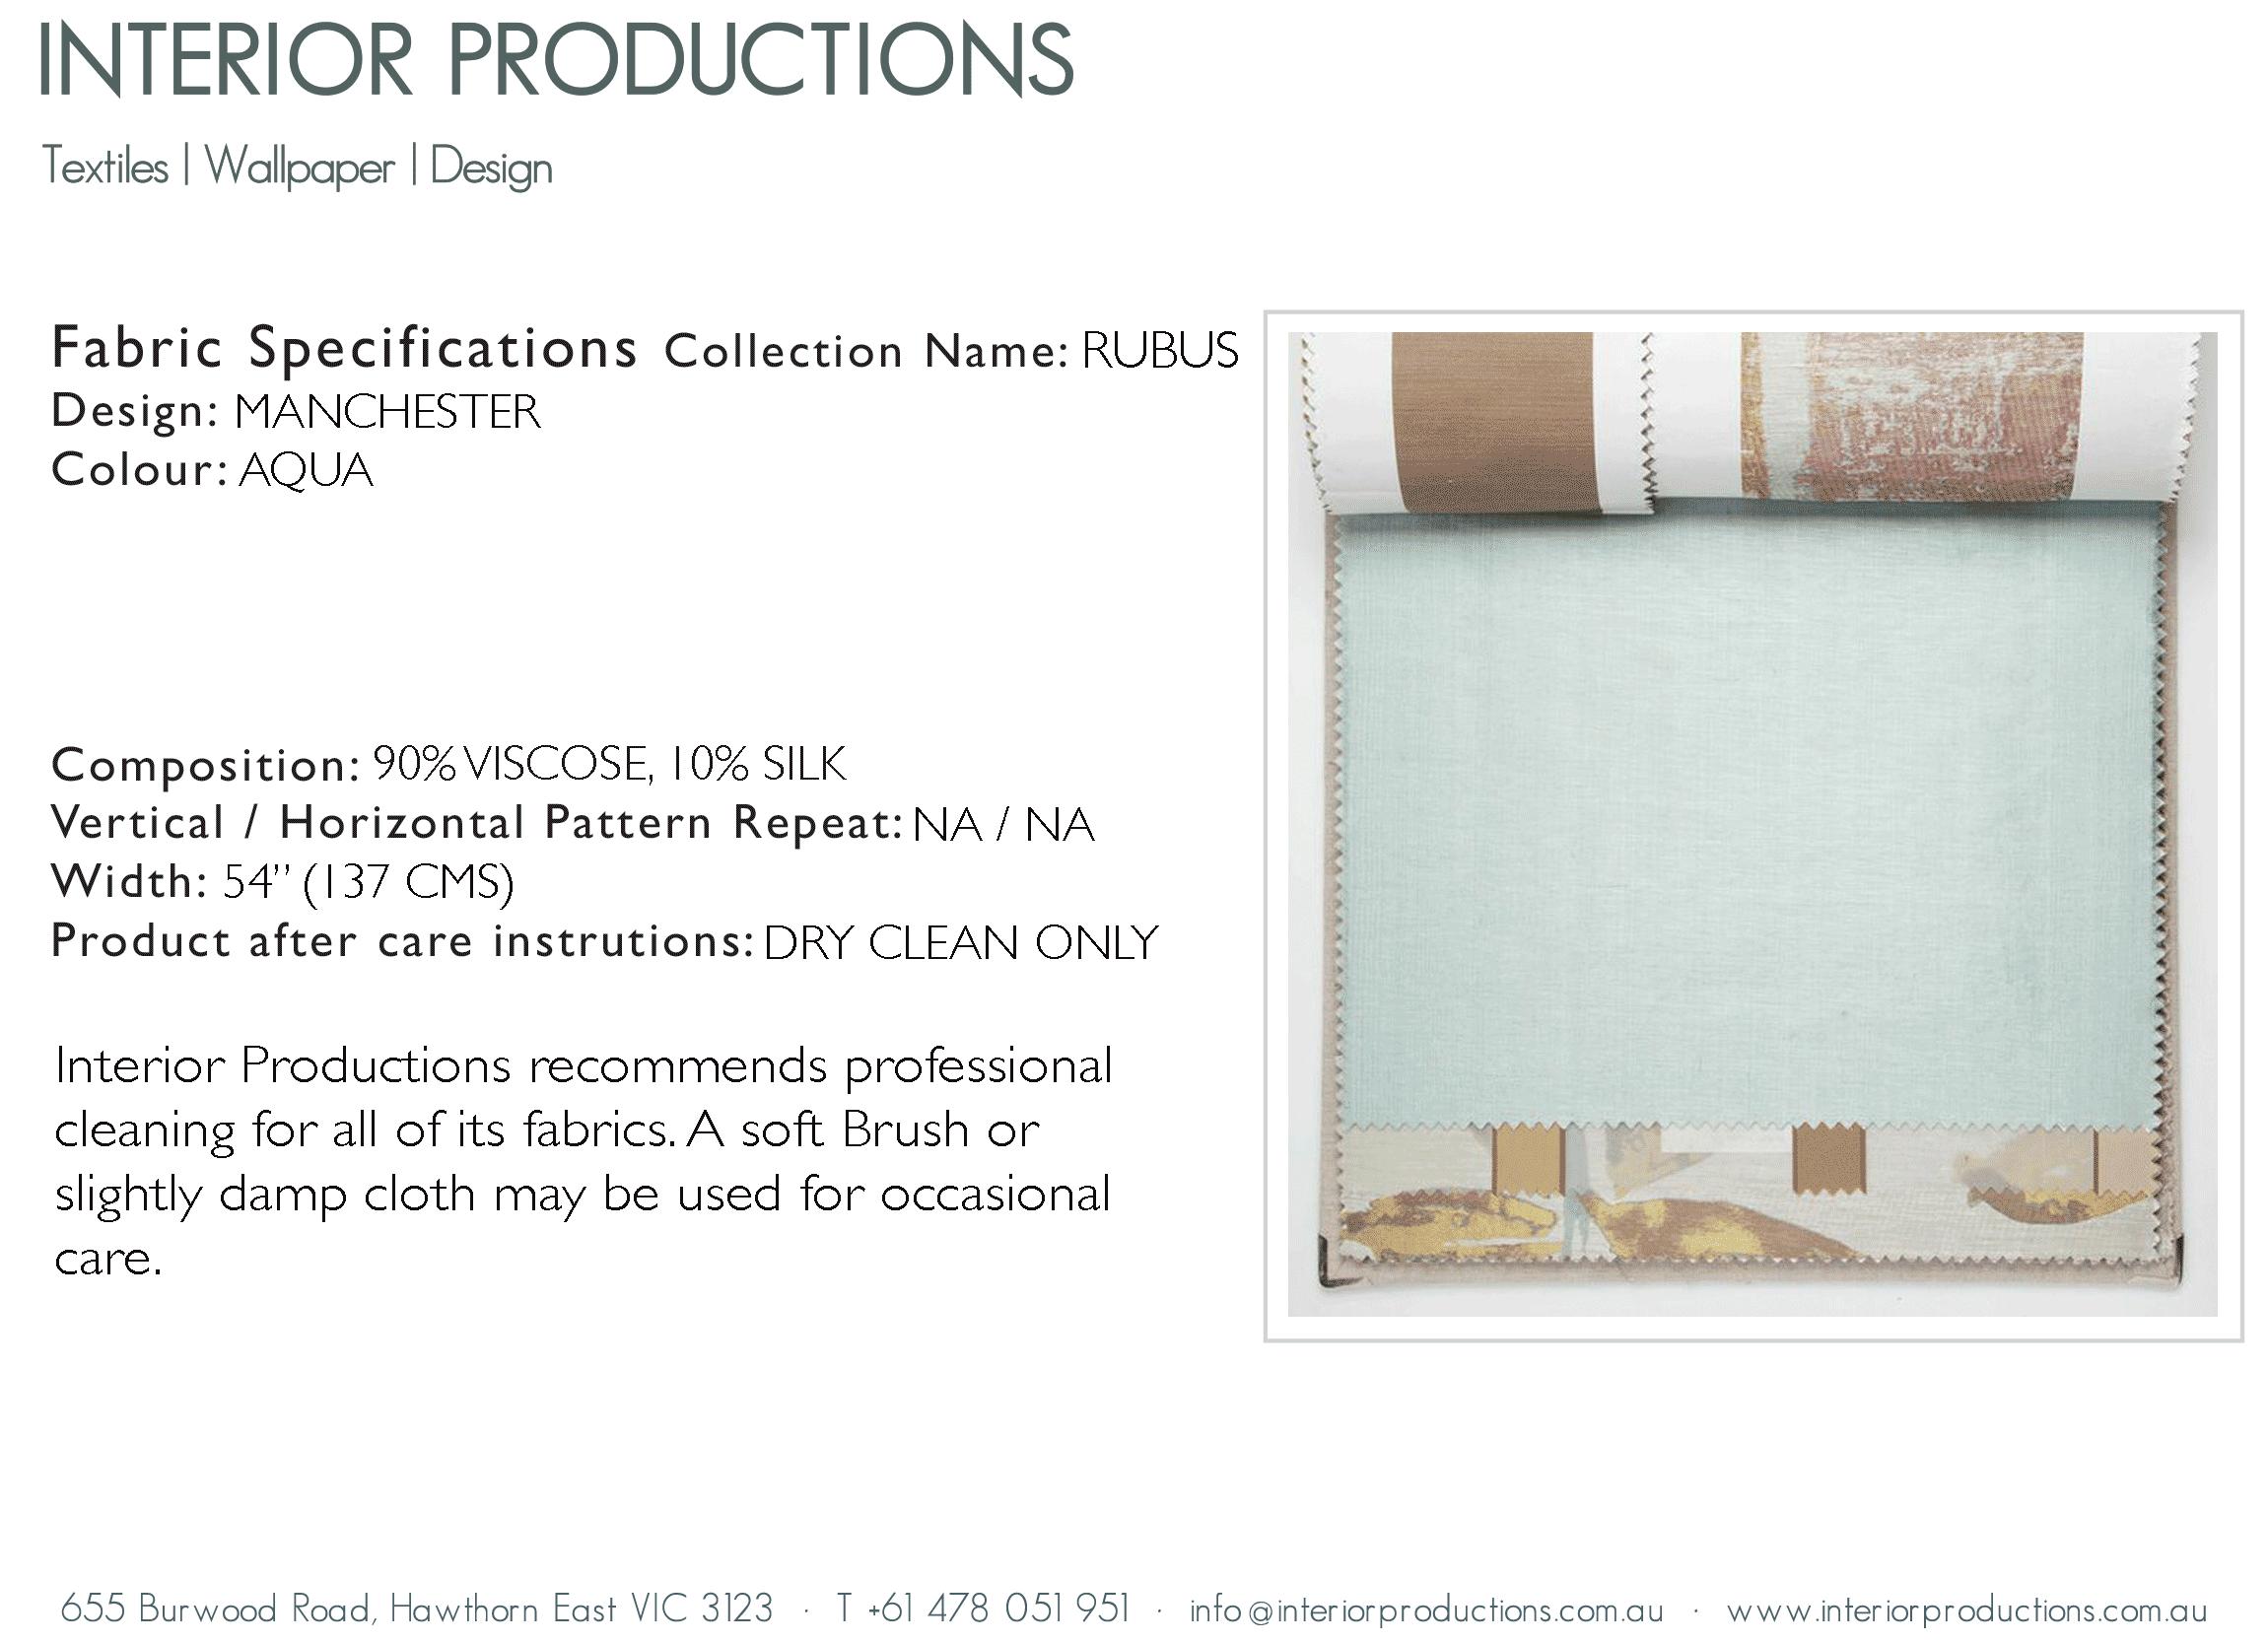 interior_productions_MANCHESTER---AQUA